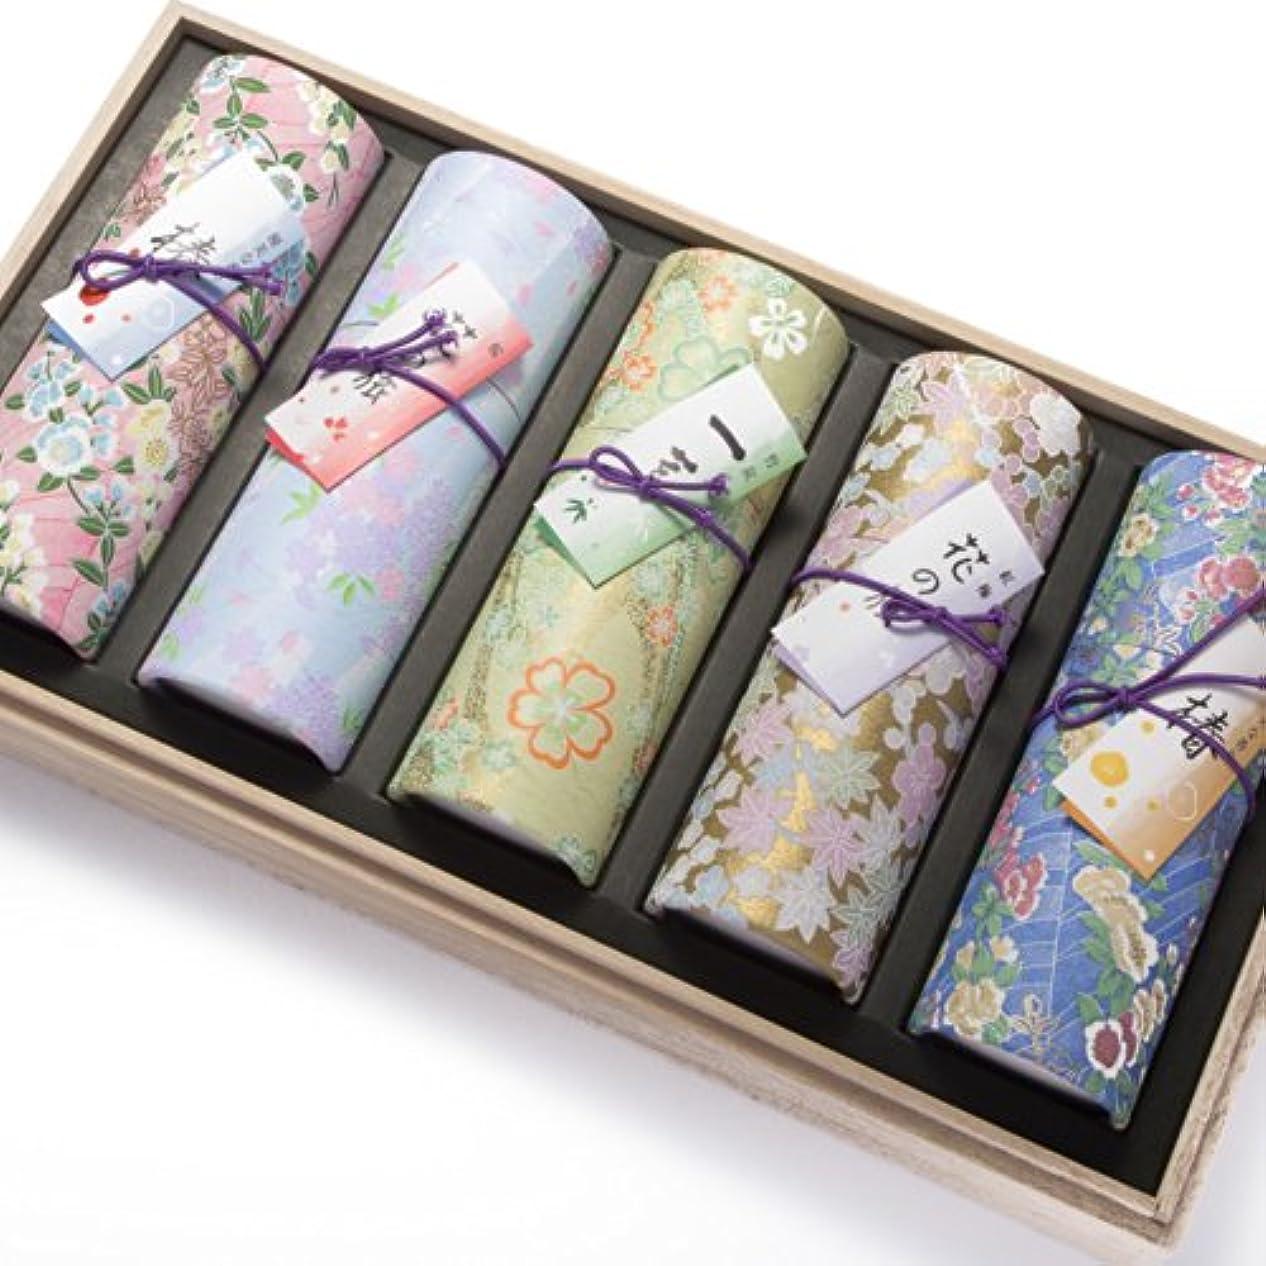 スローガン冷凍庫ぞっとするような奥野晴明堂 お線香 花くらべ5種セット 桐箱入り